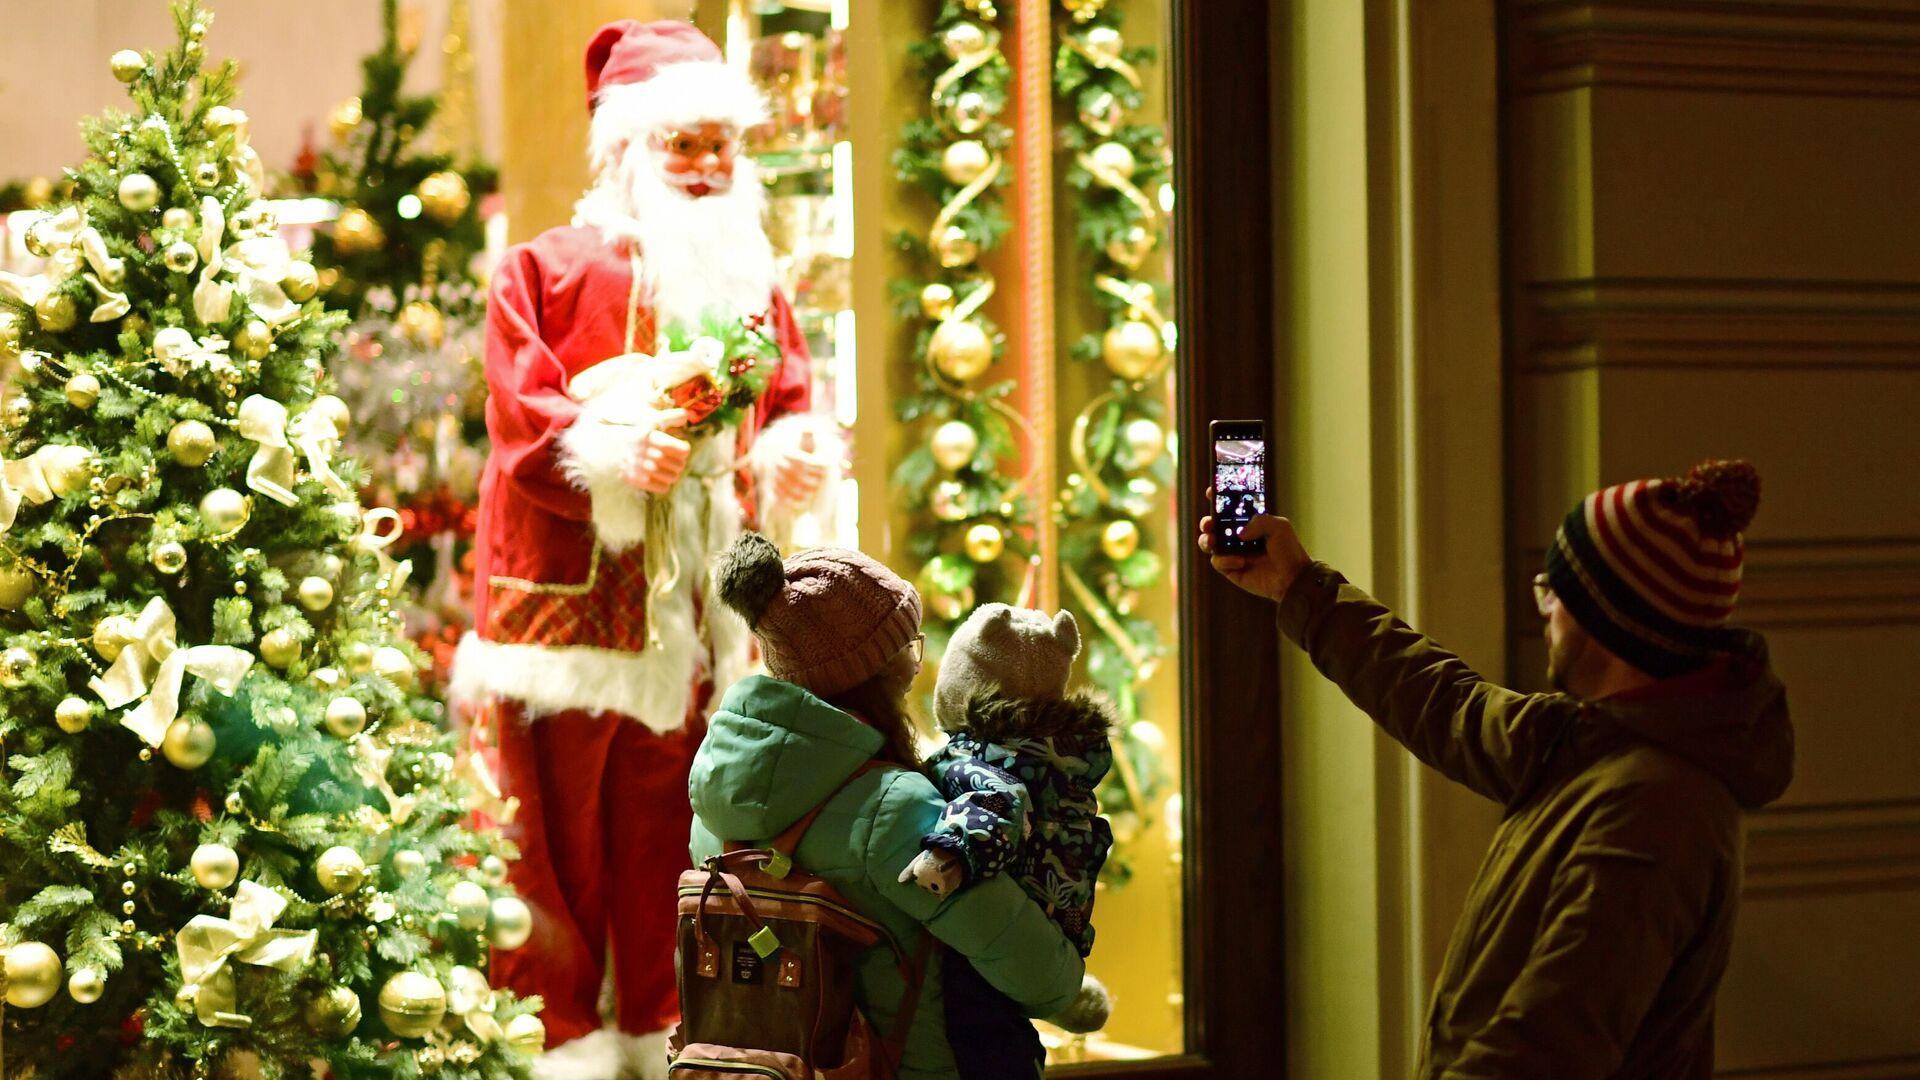 Прохожие фотографируют Санта Клауса в витрине на Никольской улице в Москве - РИА Новости, 1920, 12.11.2020